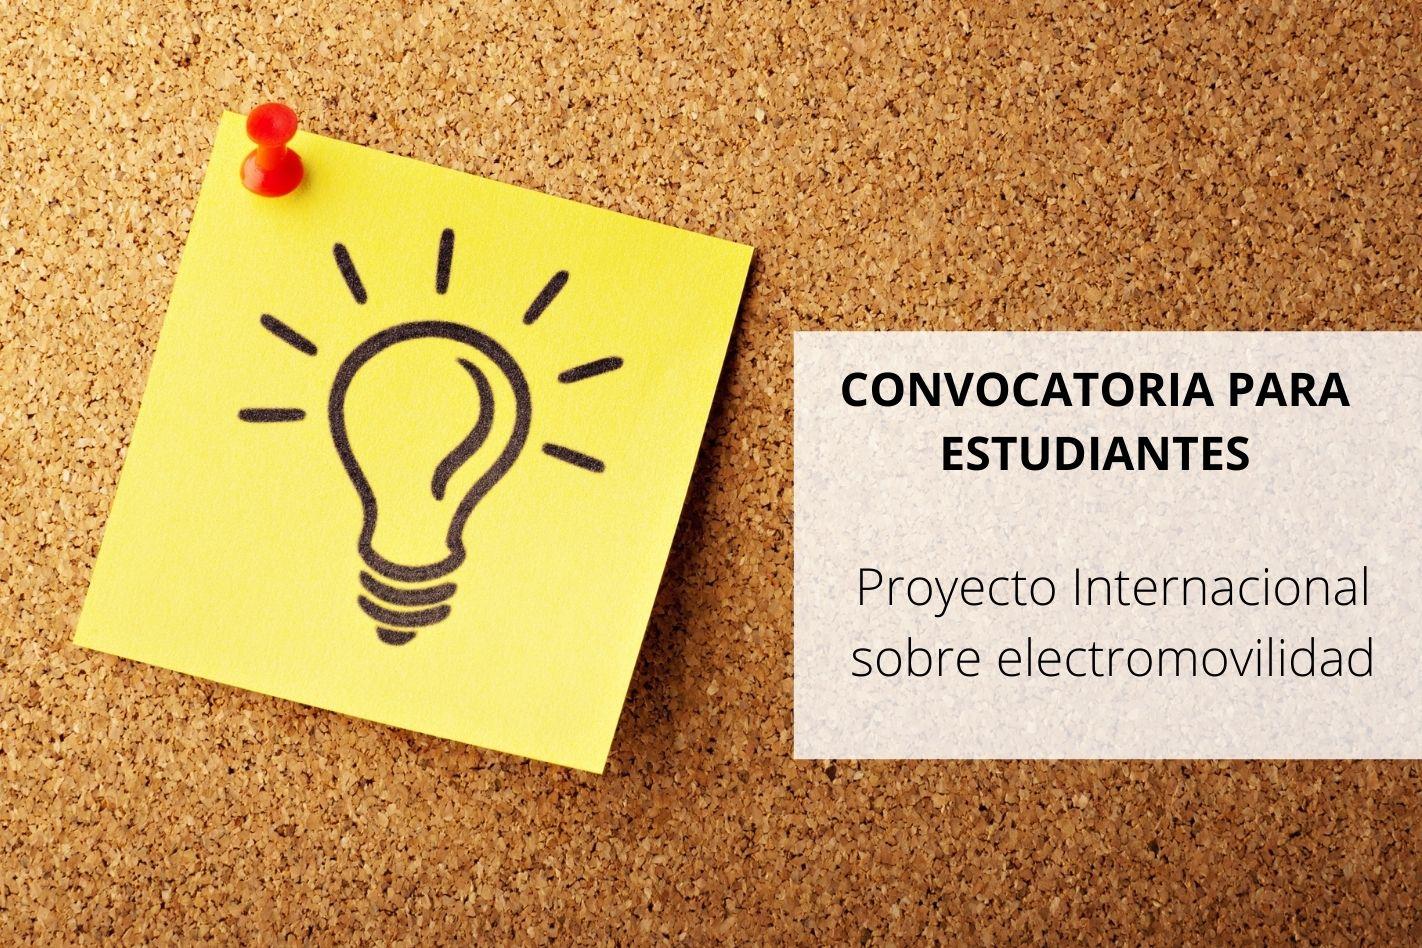 Convocatoria a estudiantes - Proyecto Internacional sobre electromovilidad